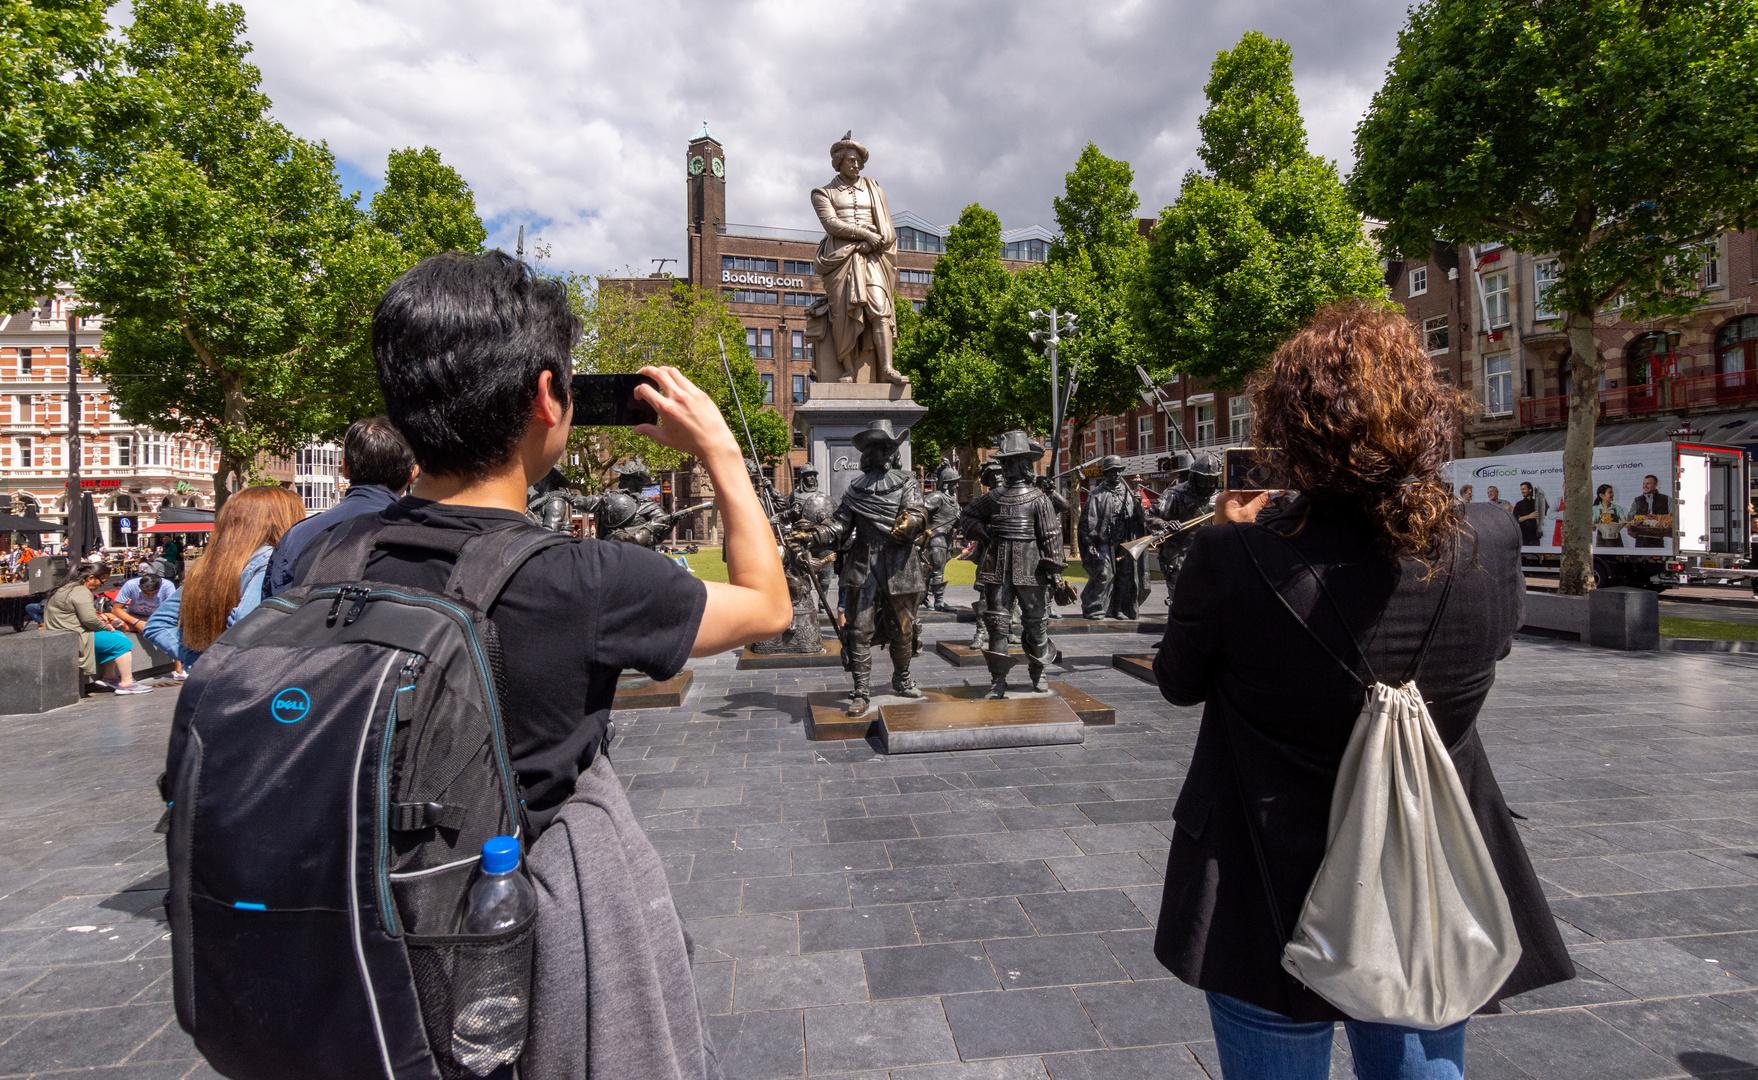 Amsterdam - Rembrandplein